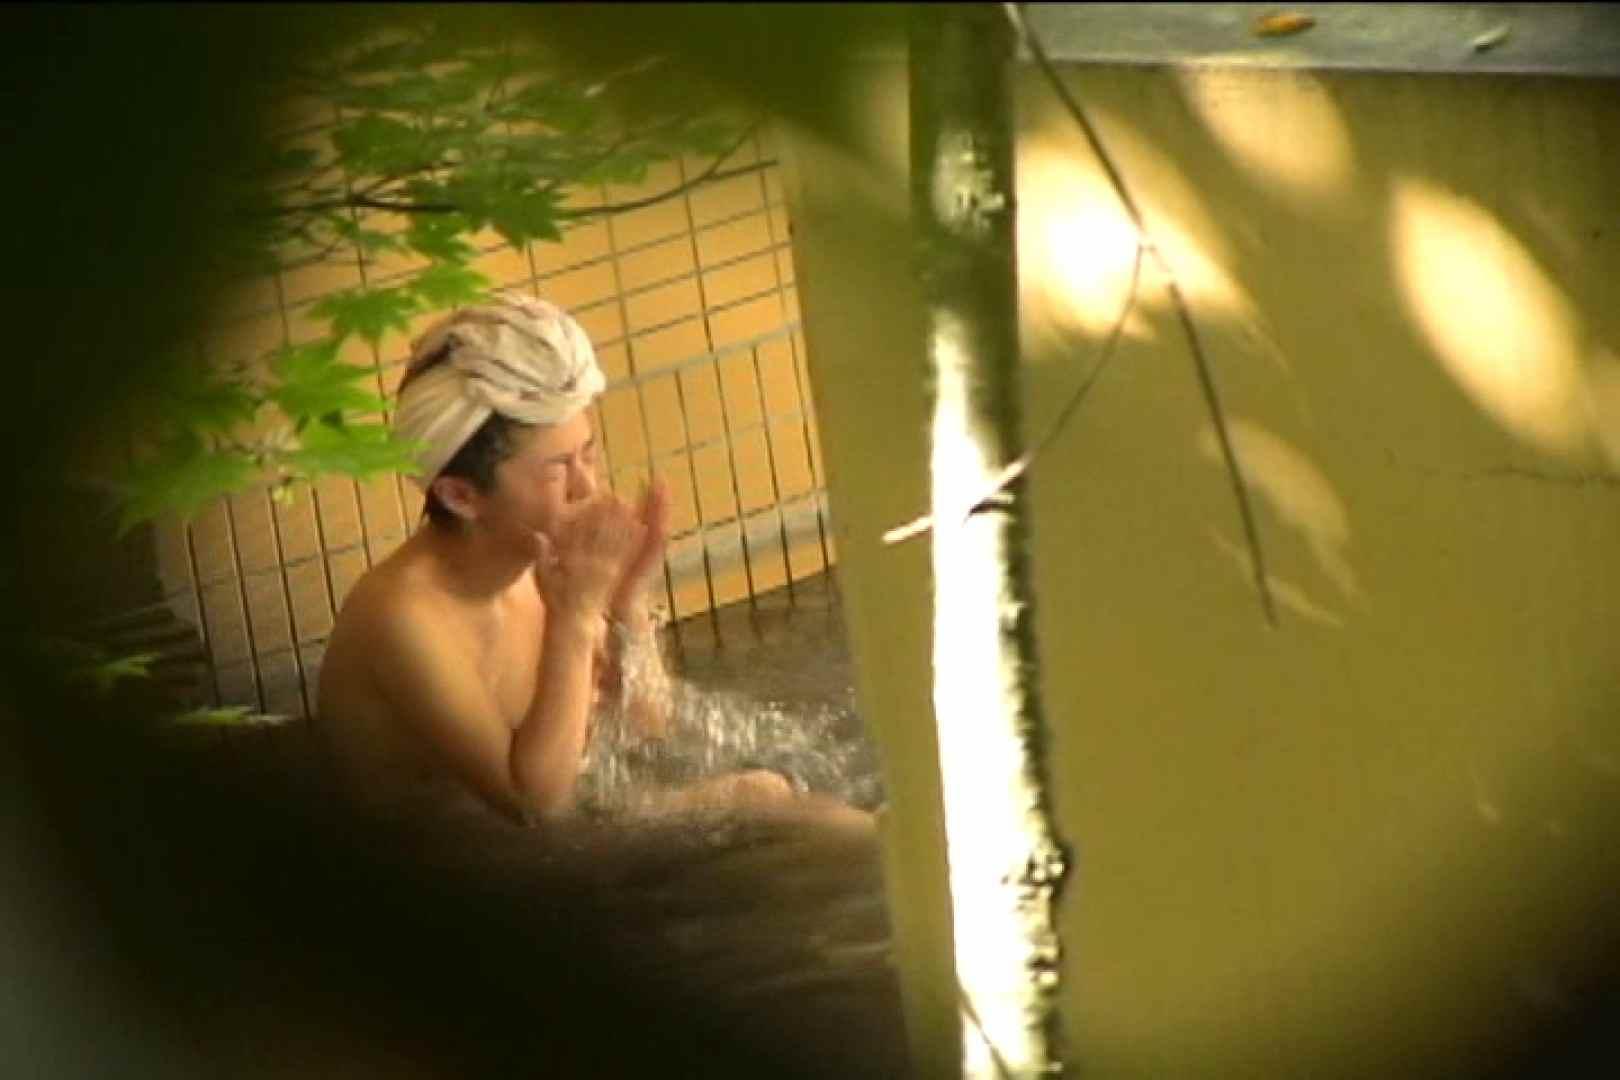 Aquaな露天風呂Vol.454 綺麗なOLたち | 盗撮  92枚 76